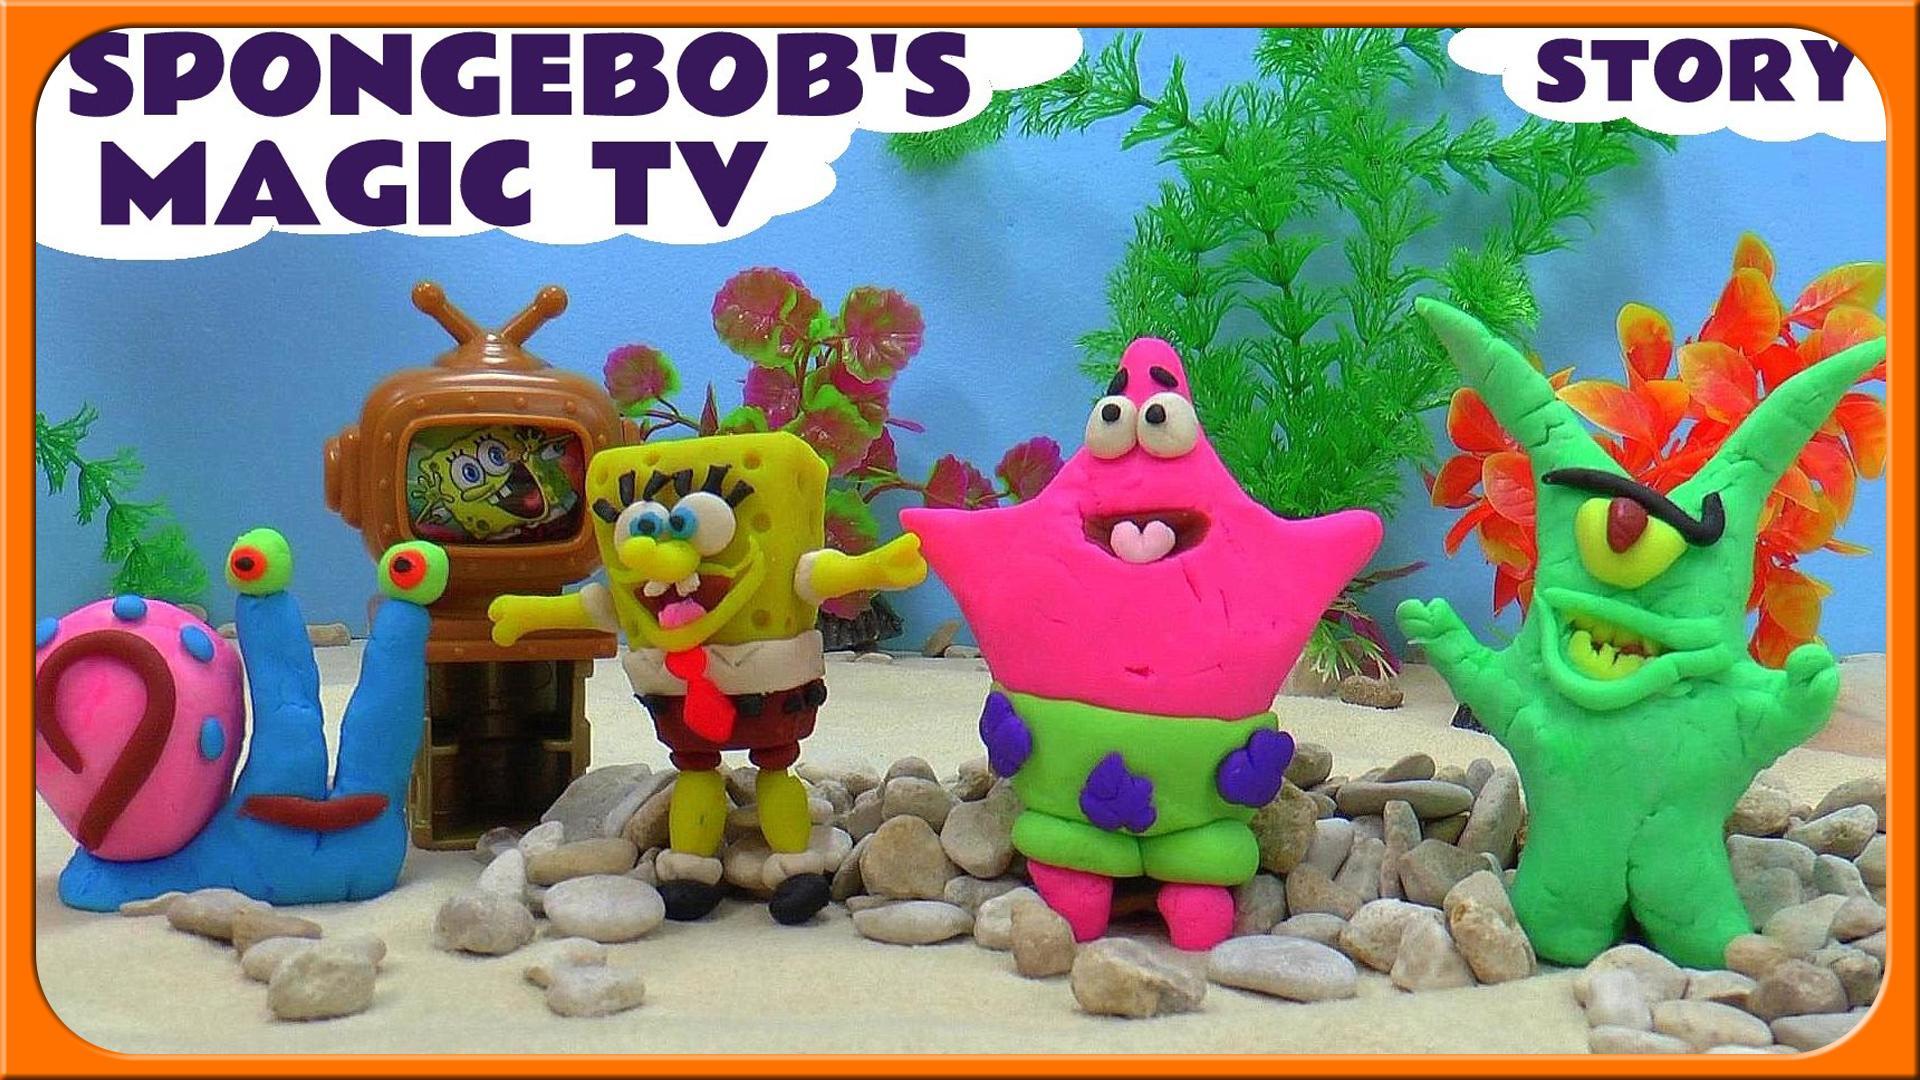 海绵宝宝拥有魔法电视耶!海绵宝宝与派大星超级飞侠妖精的尾巴.